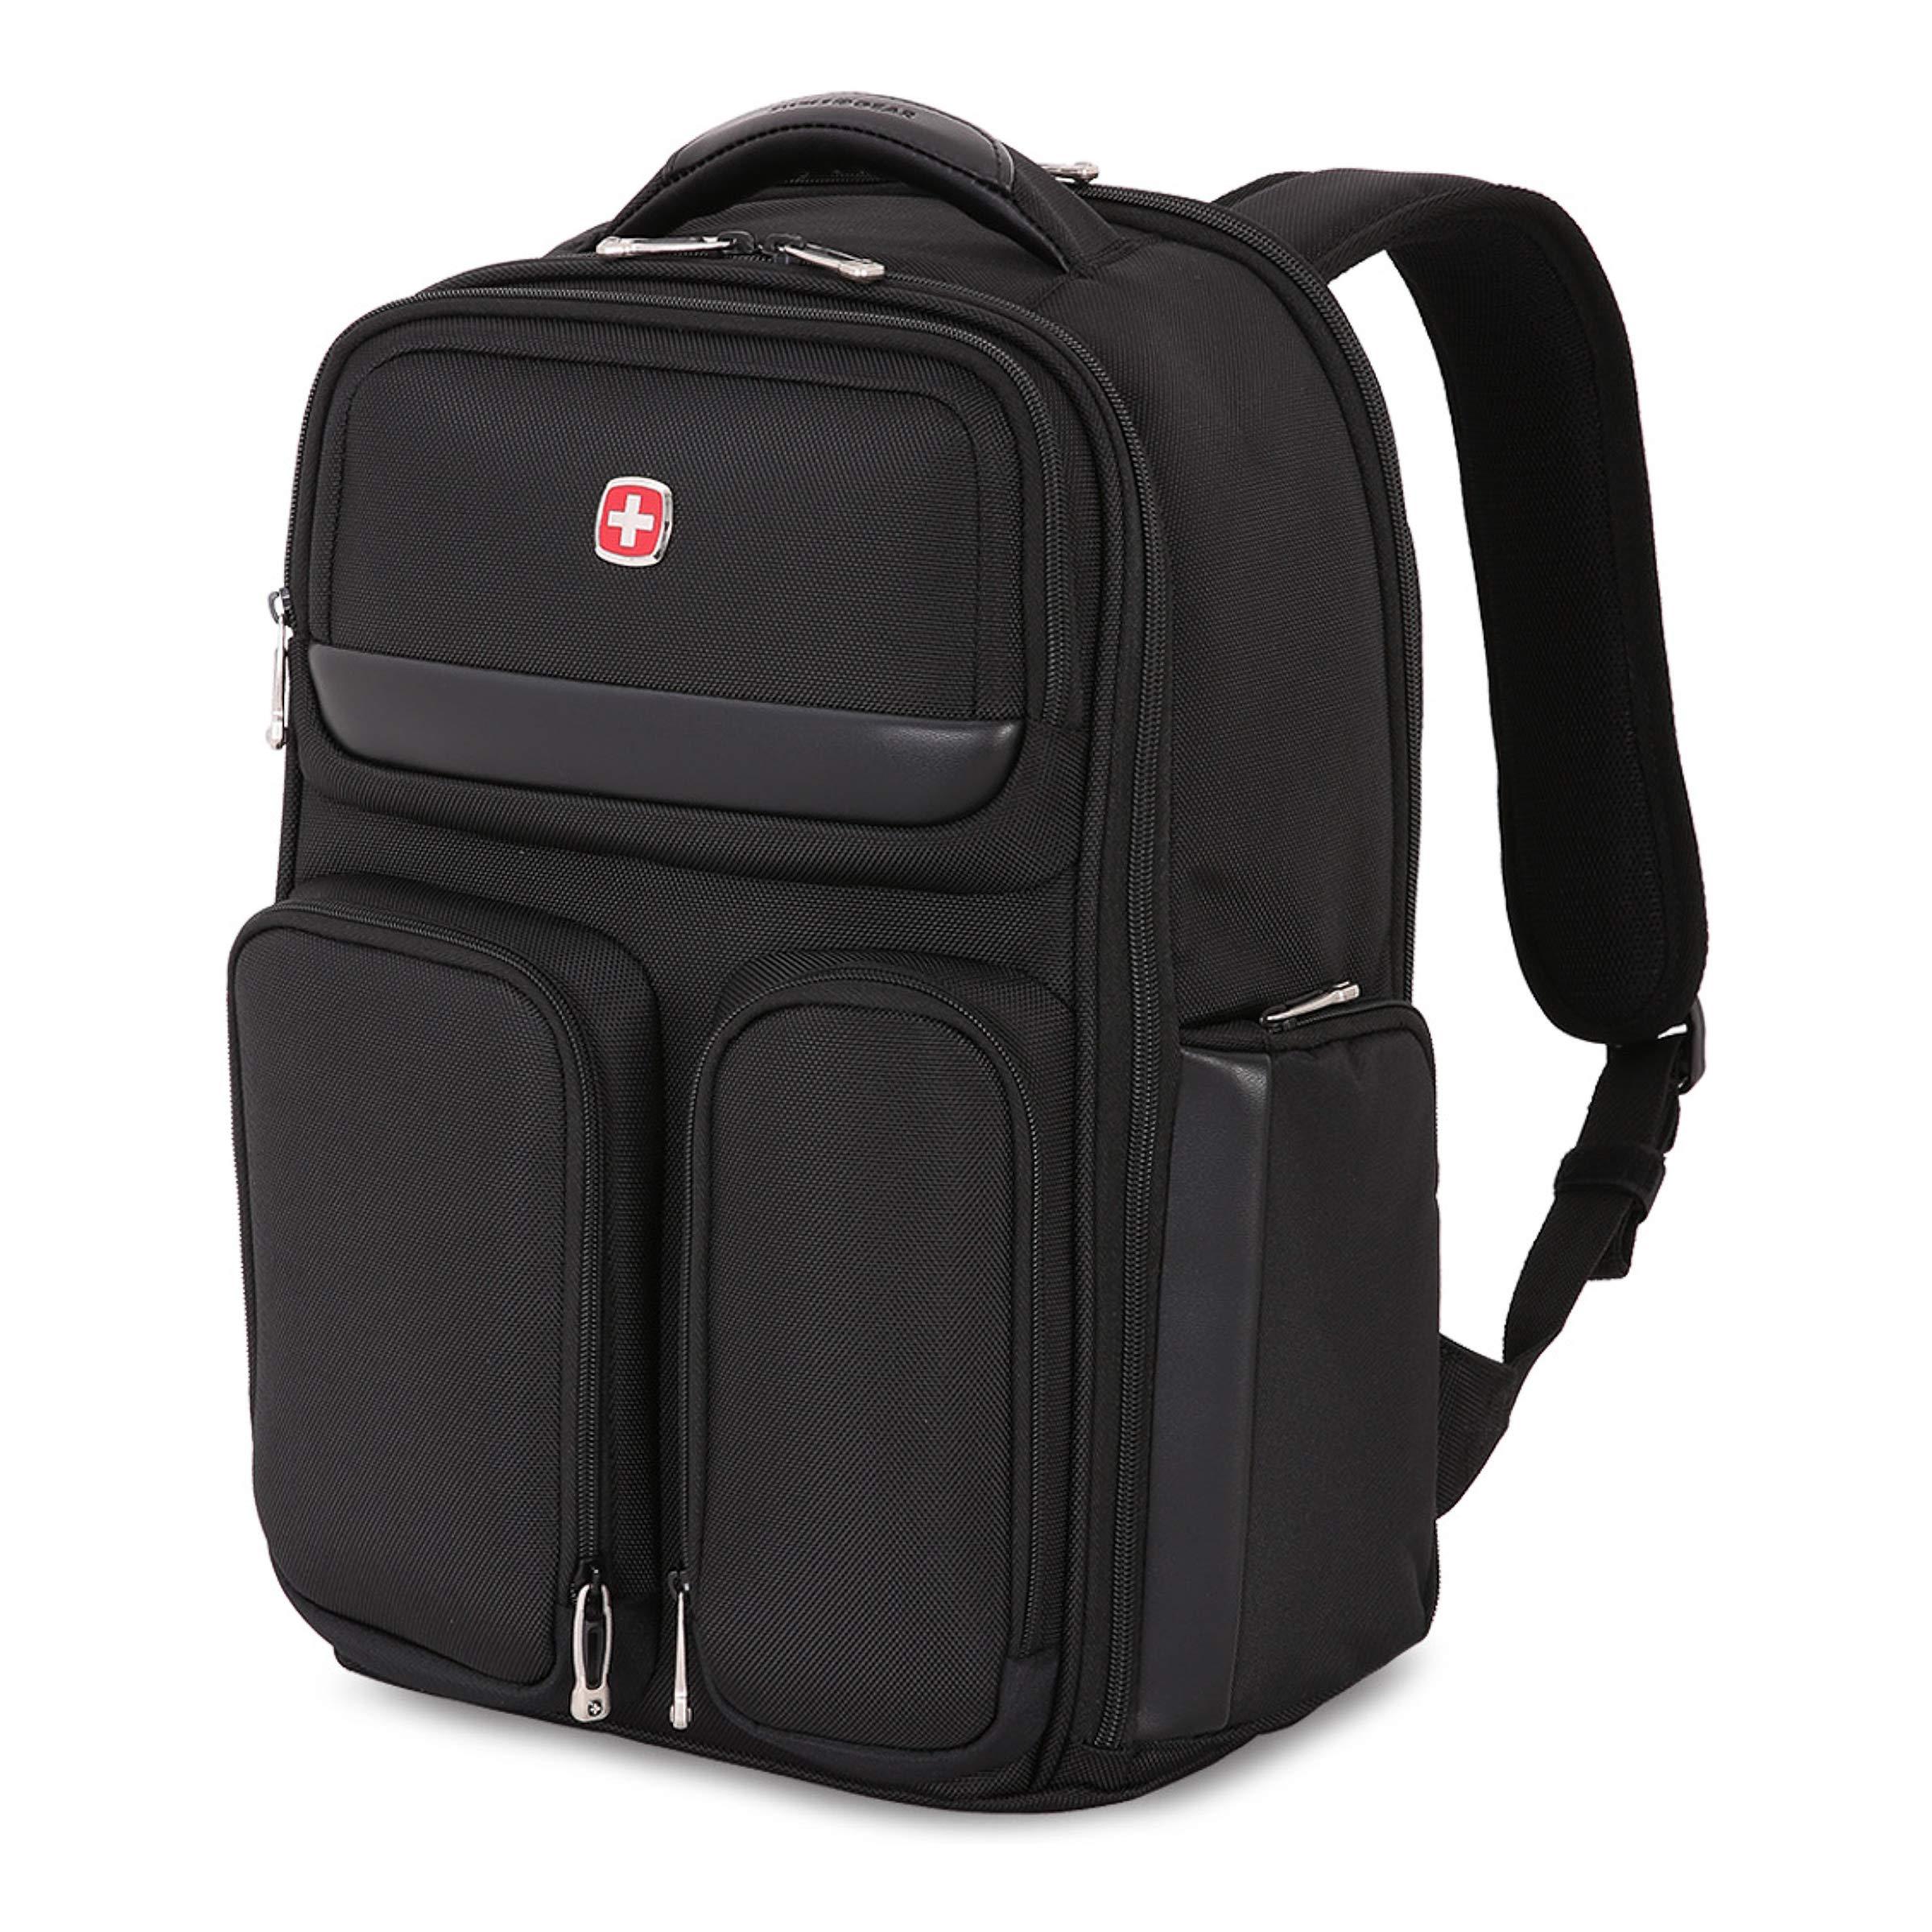 SWISSGEAR Large ScanSmart 15-inch Laptop Backpack | TSA-Friendly Carry-on | Travel, Work, School | Men's and Women's - Black